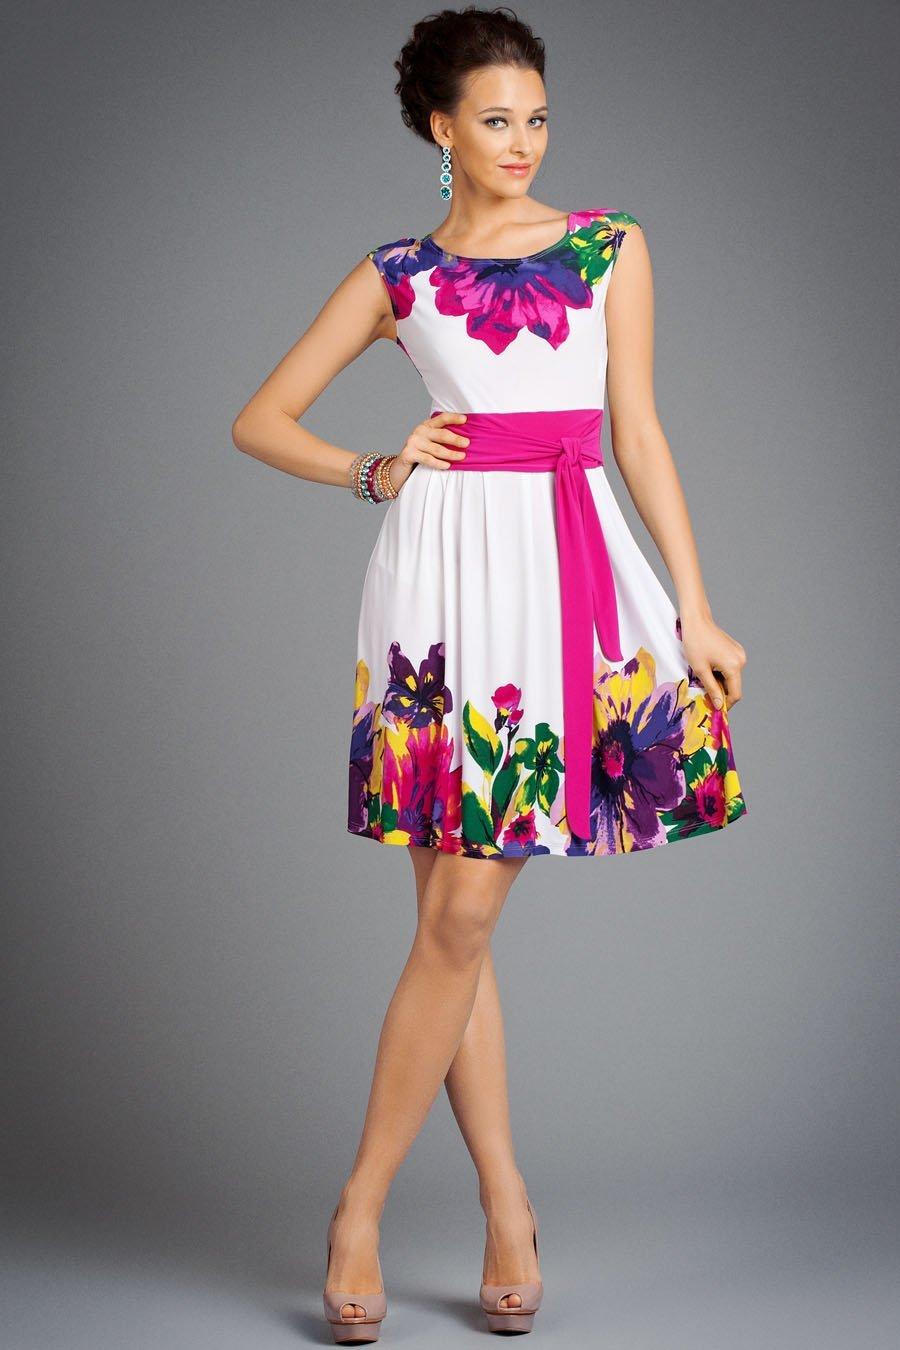 eebef907df5 ... Широкая спина и полная талия олицетворяют фигуру типа E. Пышные юбки  или трапециевидные платья подойдут